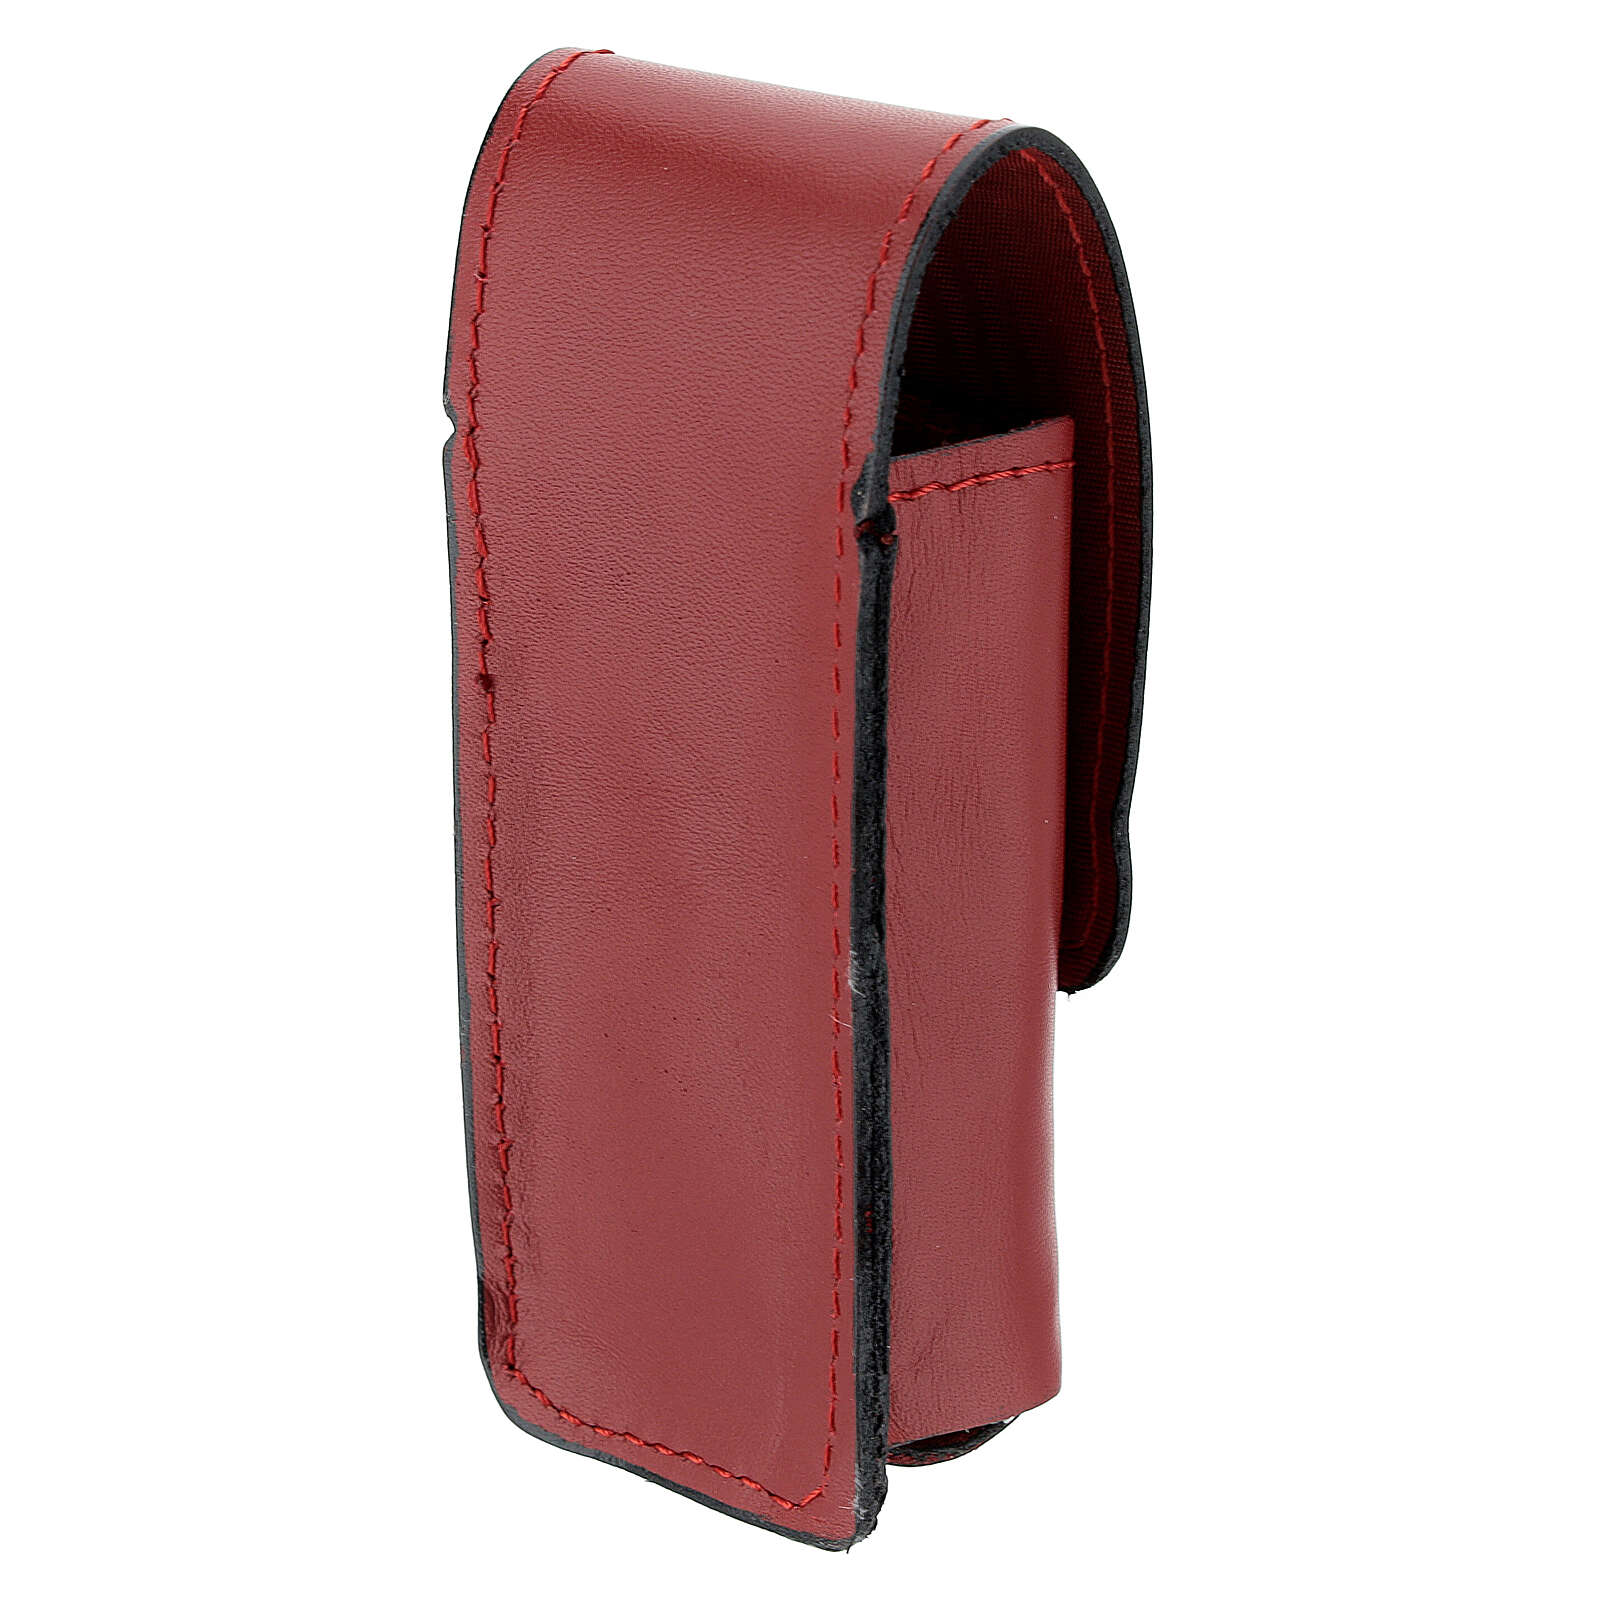 Red leather 9 cm aspergillum case 3